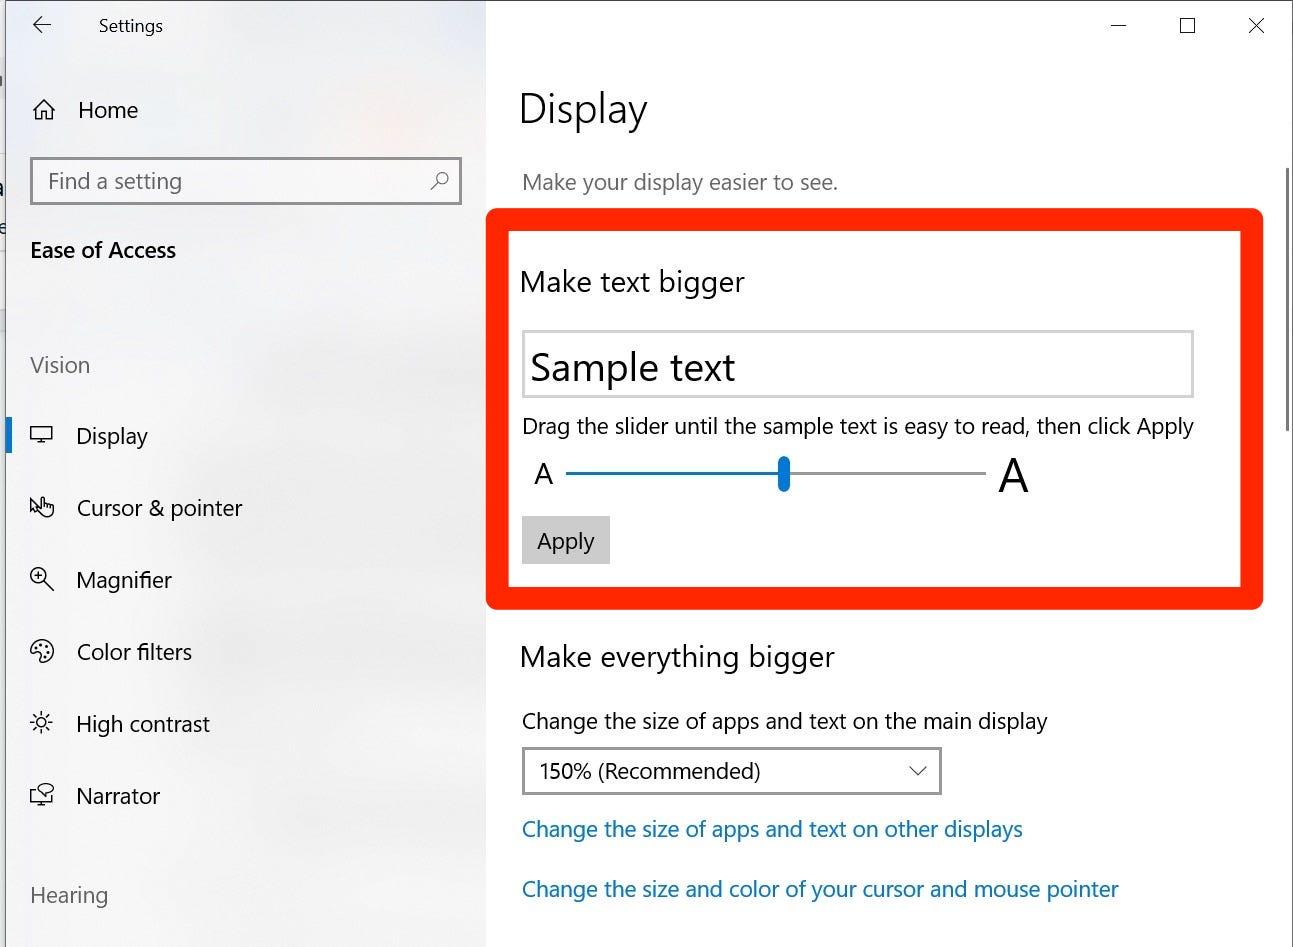 Cách chỉnh cỡ chữ trên màn hình Win 10, tuy đơn giản nhưng không nên xem thường 6